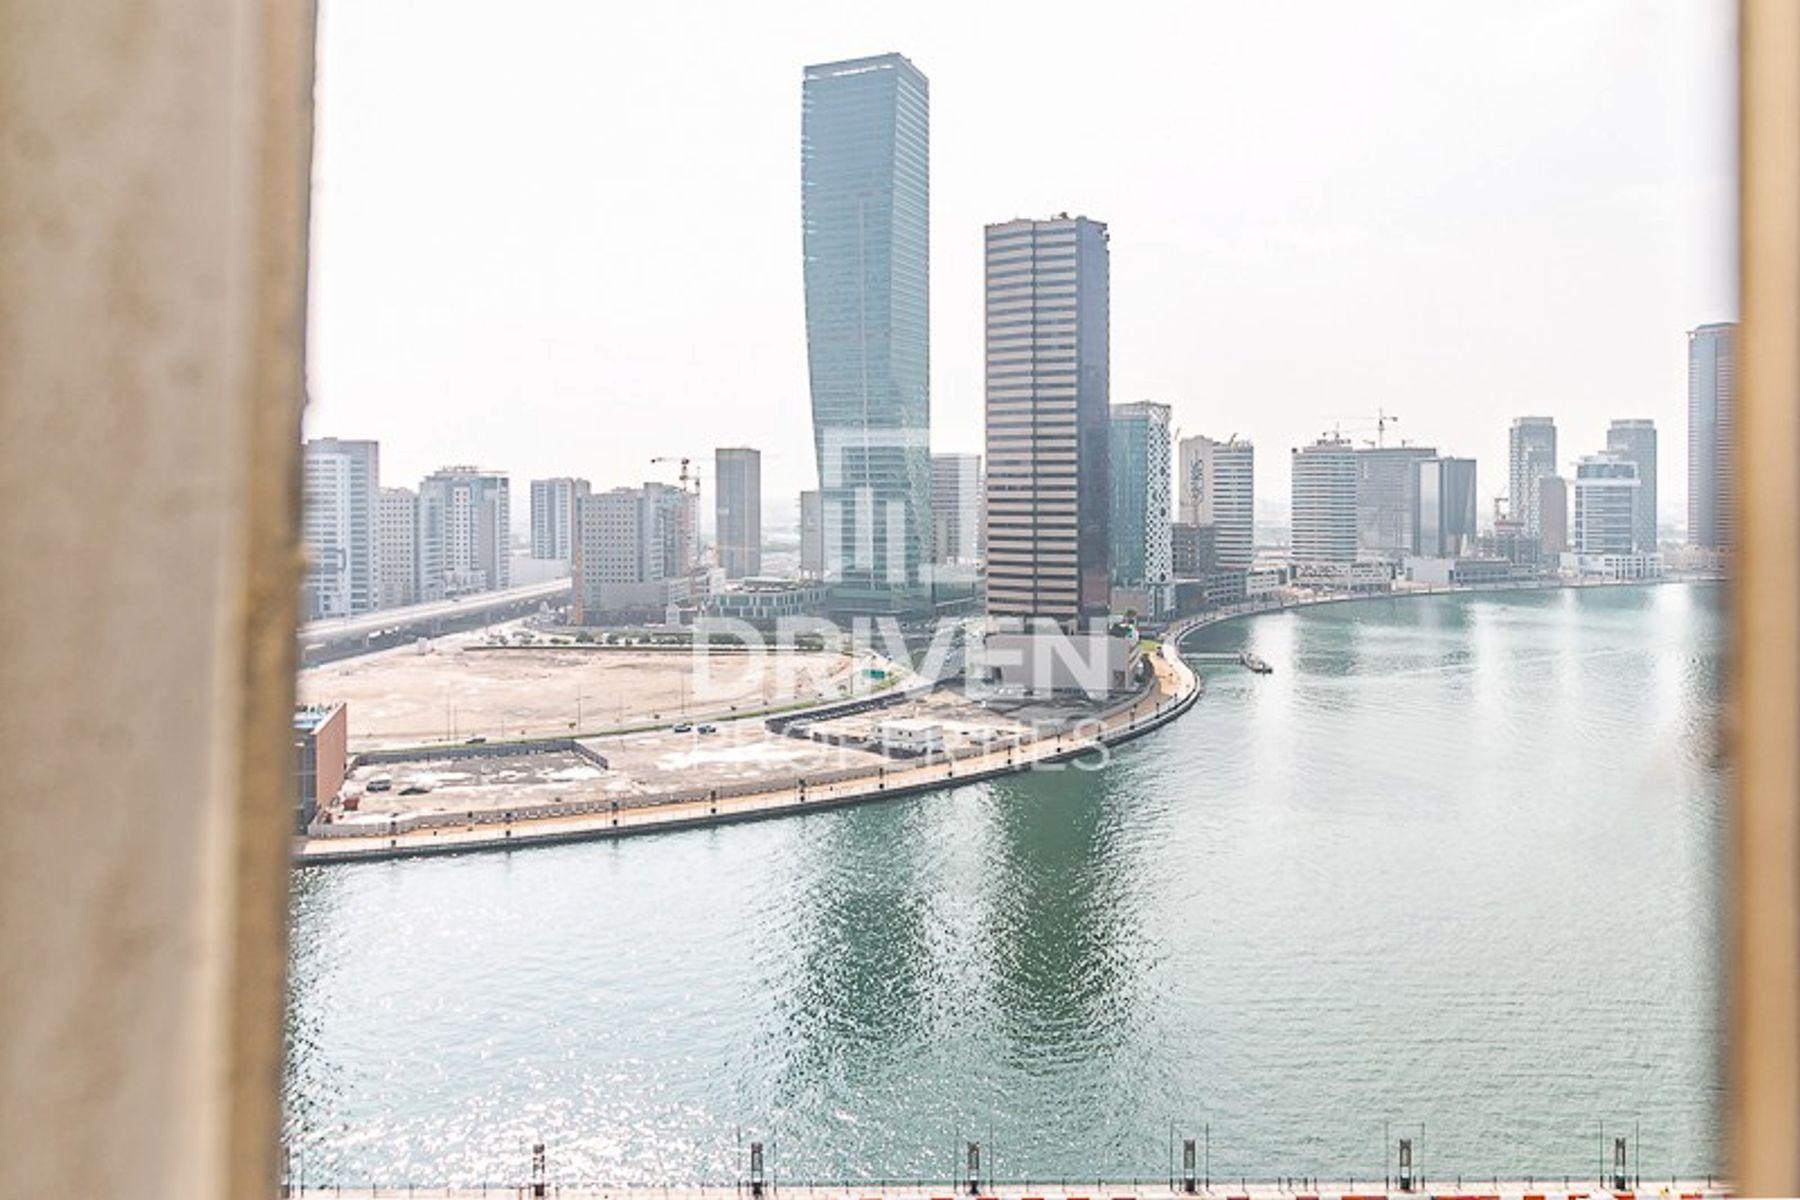 للايجار - مكتب - برج وستبيري 1 - الخليج التجاري